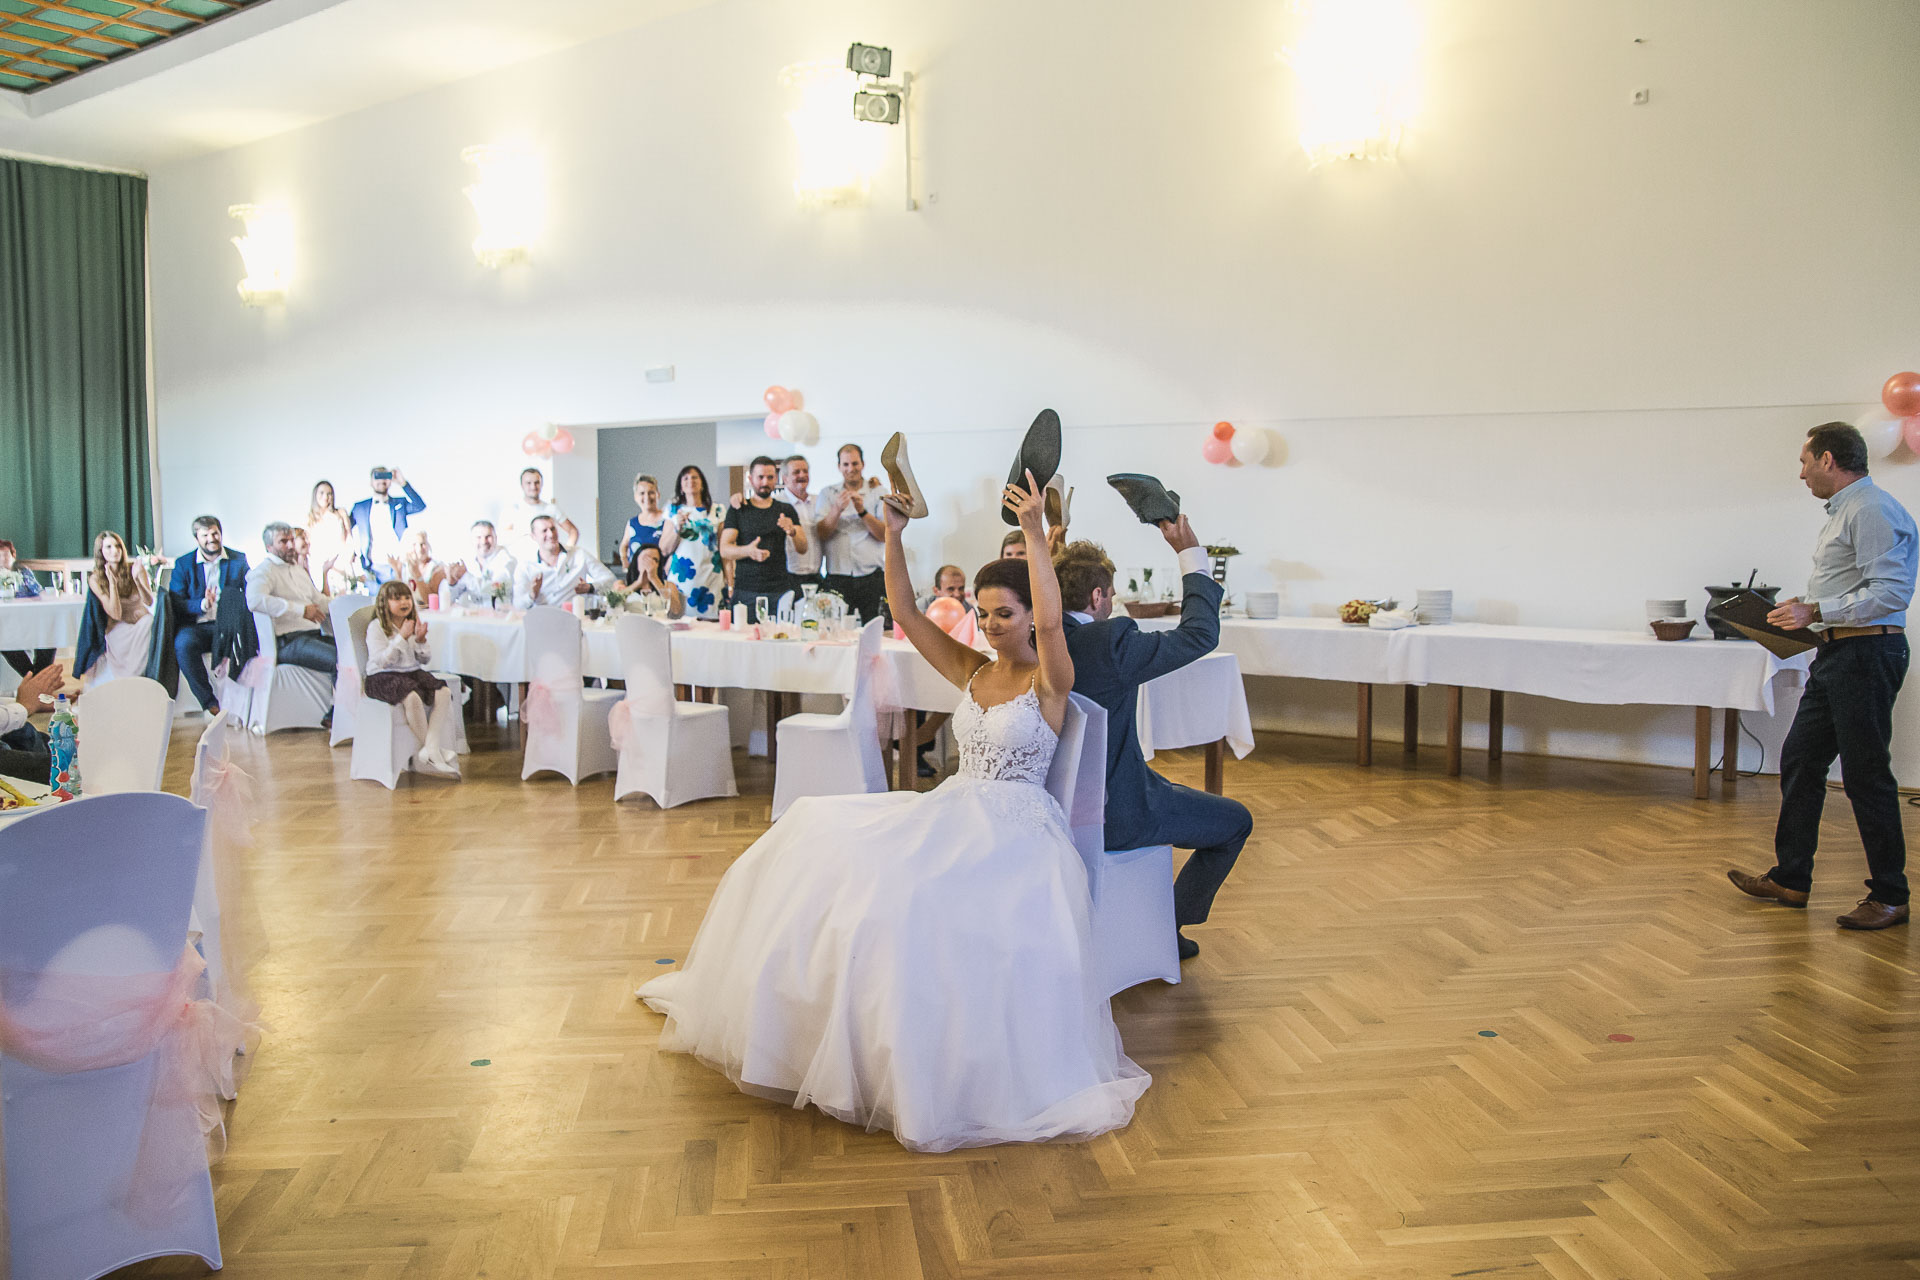 svatební-fotografie-Říp-svatební-video-ŘÍP-svatební-fotograf-ŘÍP-svatba-Mělník-svatba-Neratovice-fotograf-na-savtbu-kameraman-na-svatbu-396